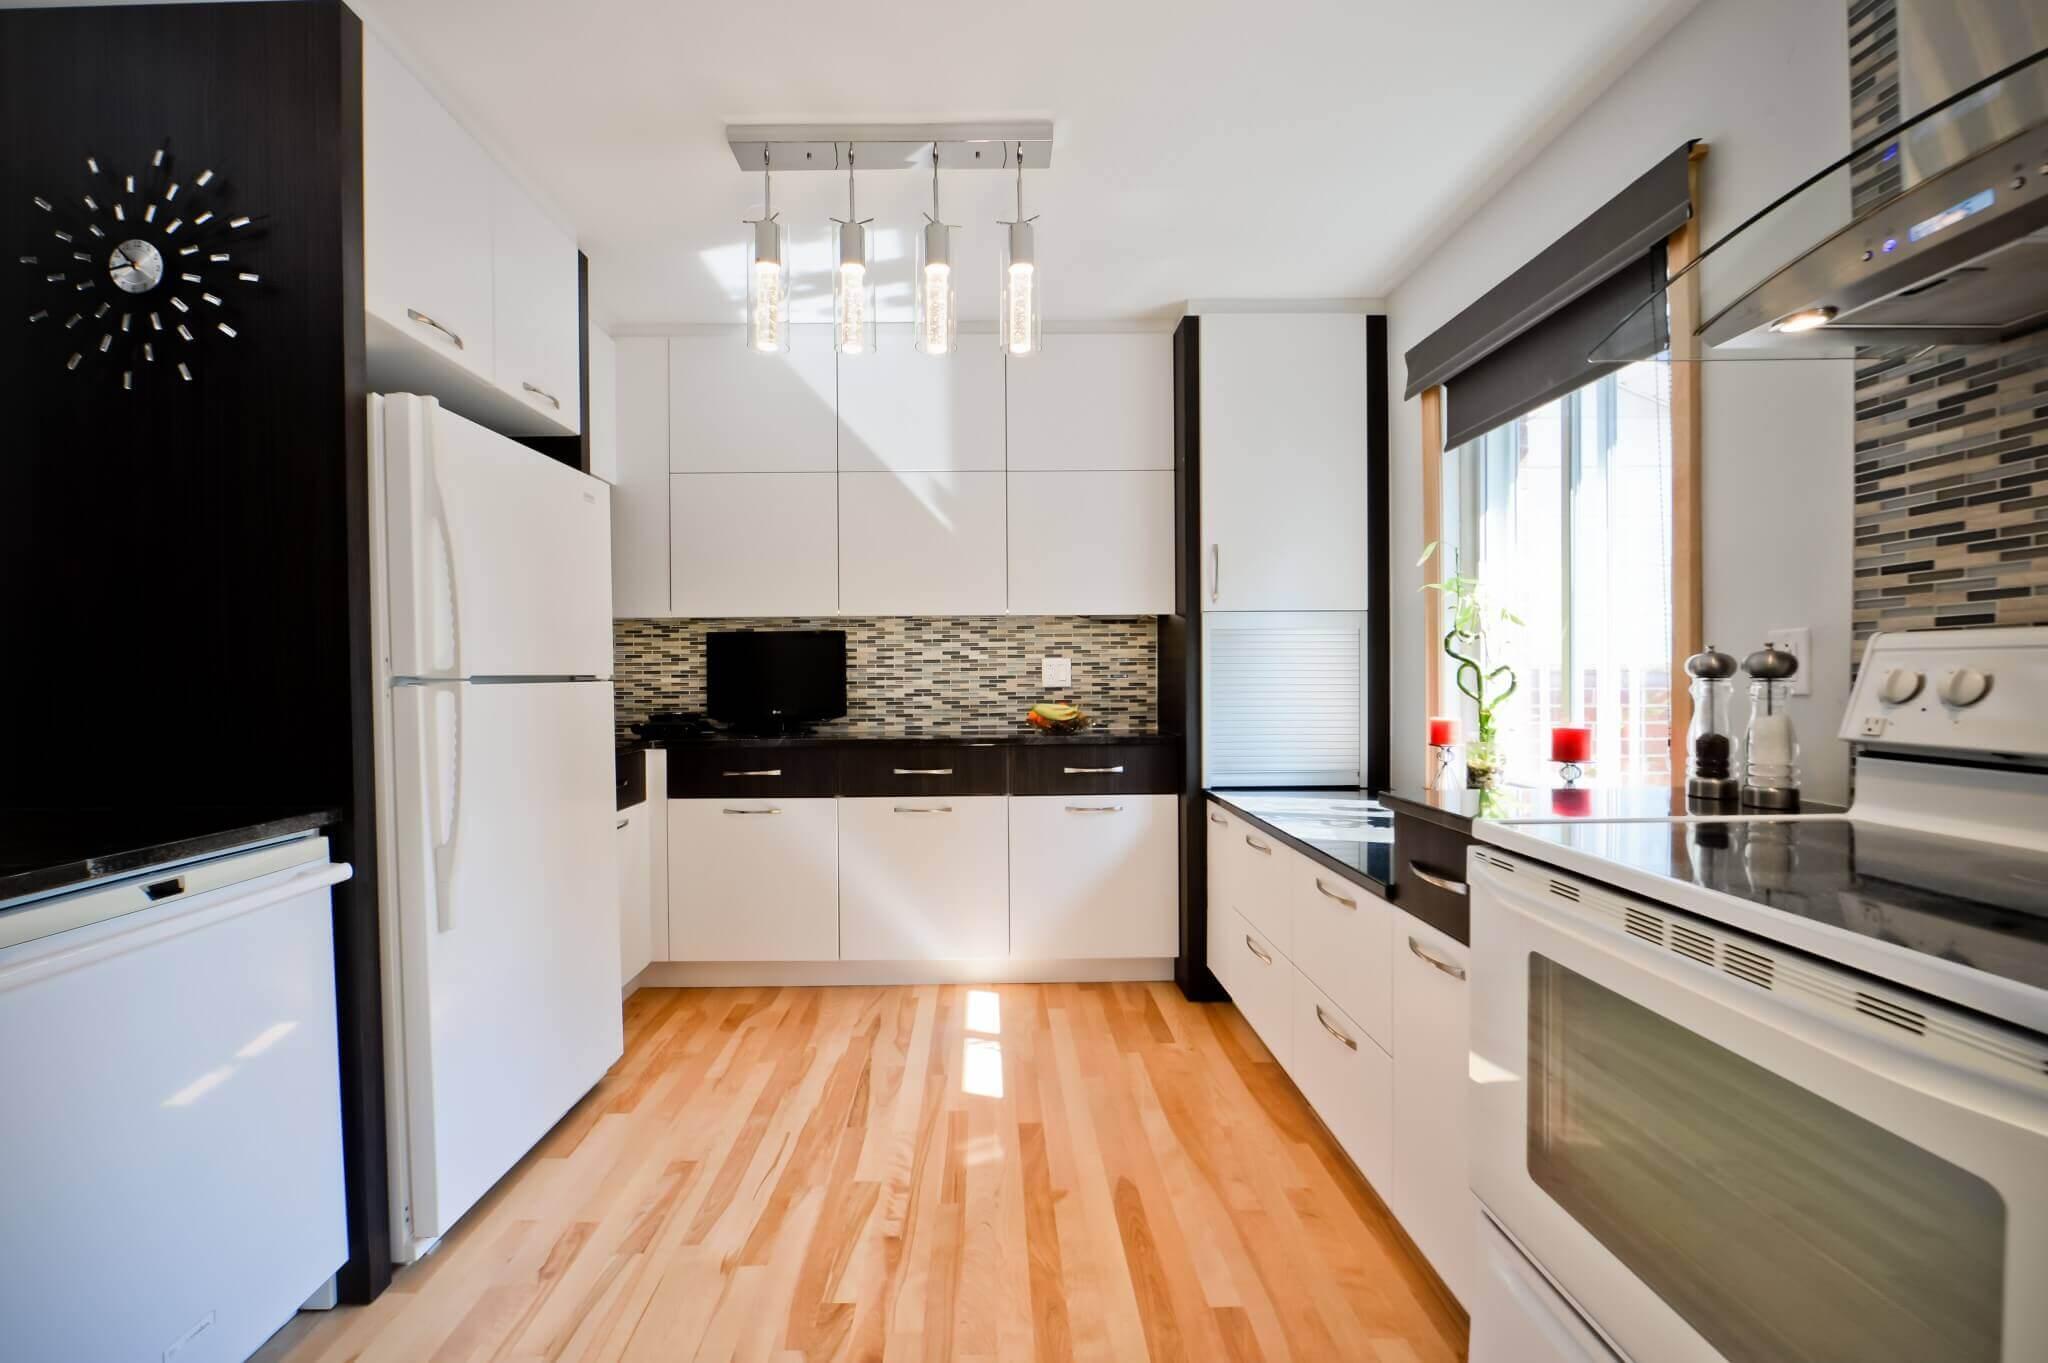 plancher de bois franc cuisine